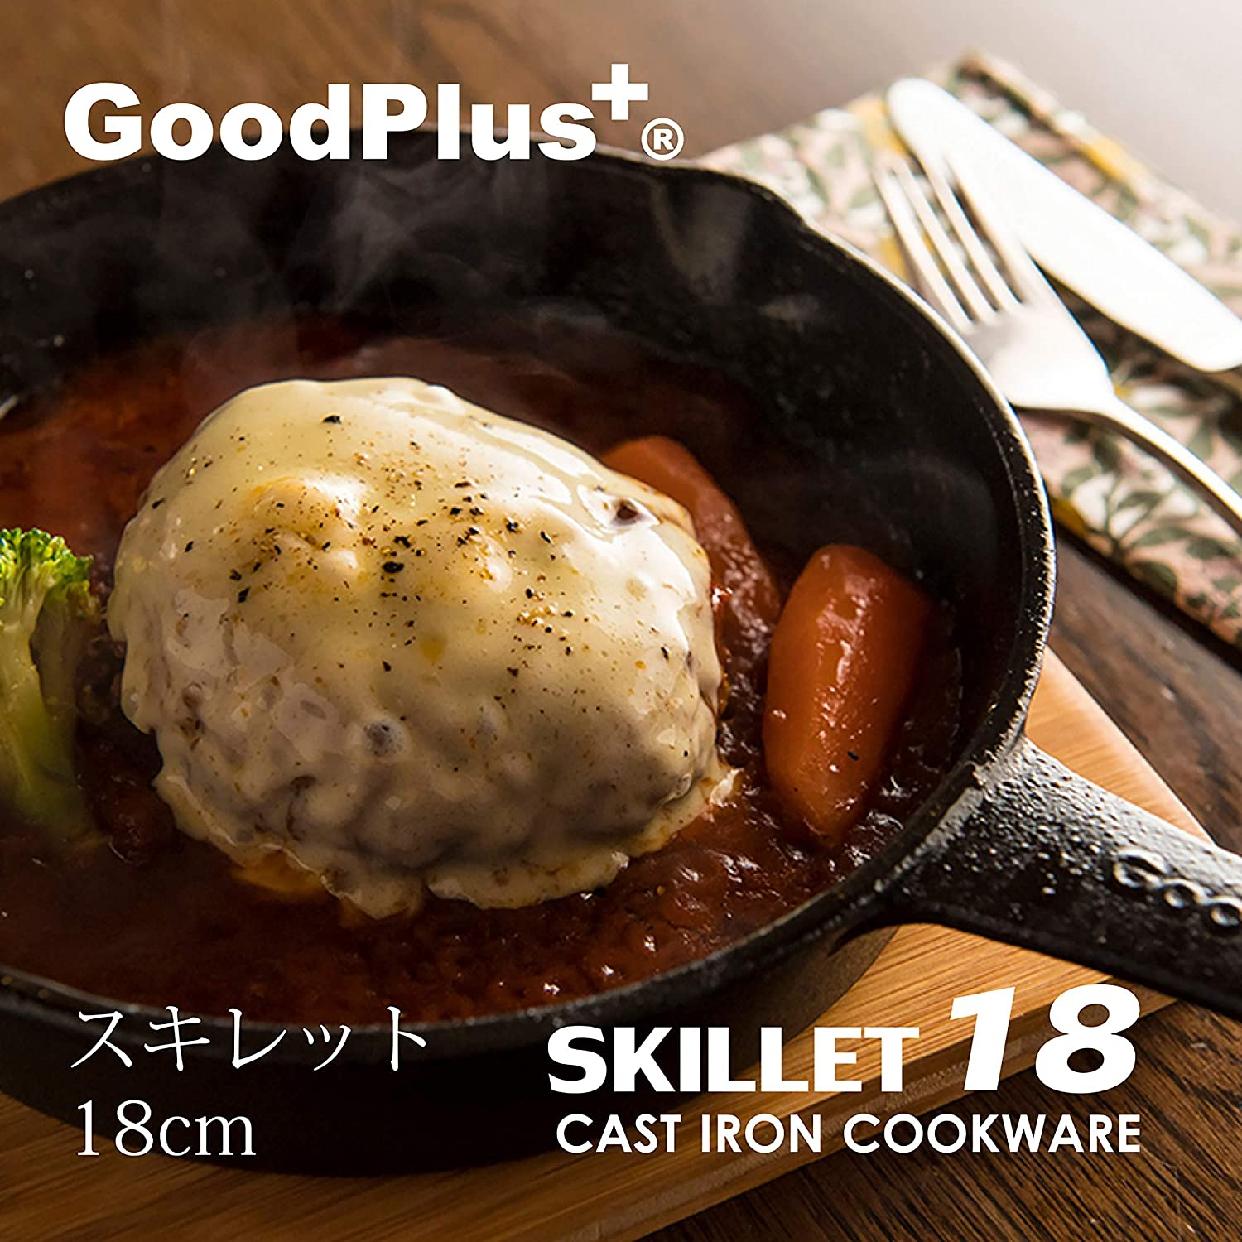 GoodPlus+(グッドプラス) スキレット18(木製台付) 18㎝ GP-SWT18の商品画像7